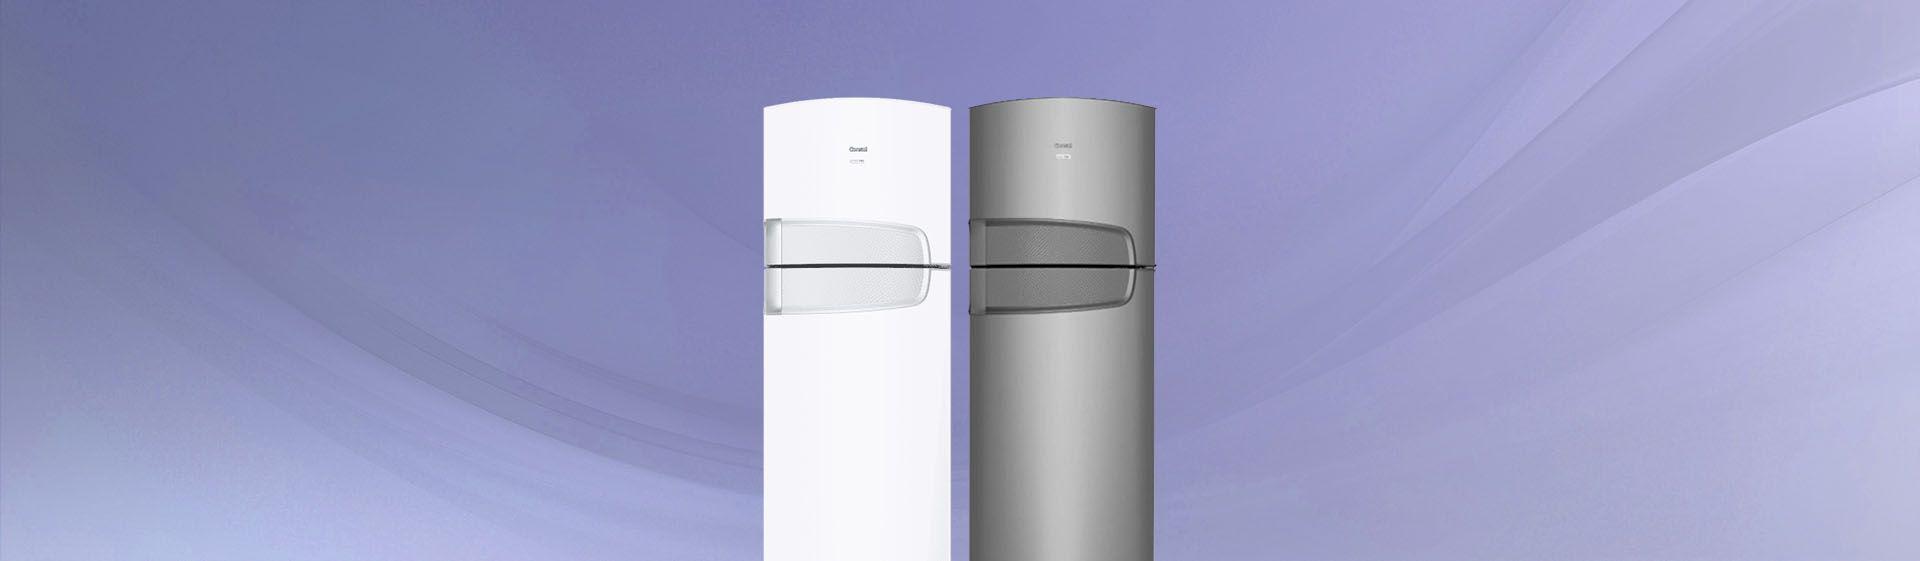 Geladeira Frost Free Consul CRM54BB e CRM54BK: veja a análise de ficha técnica desses modelos de 441 litros